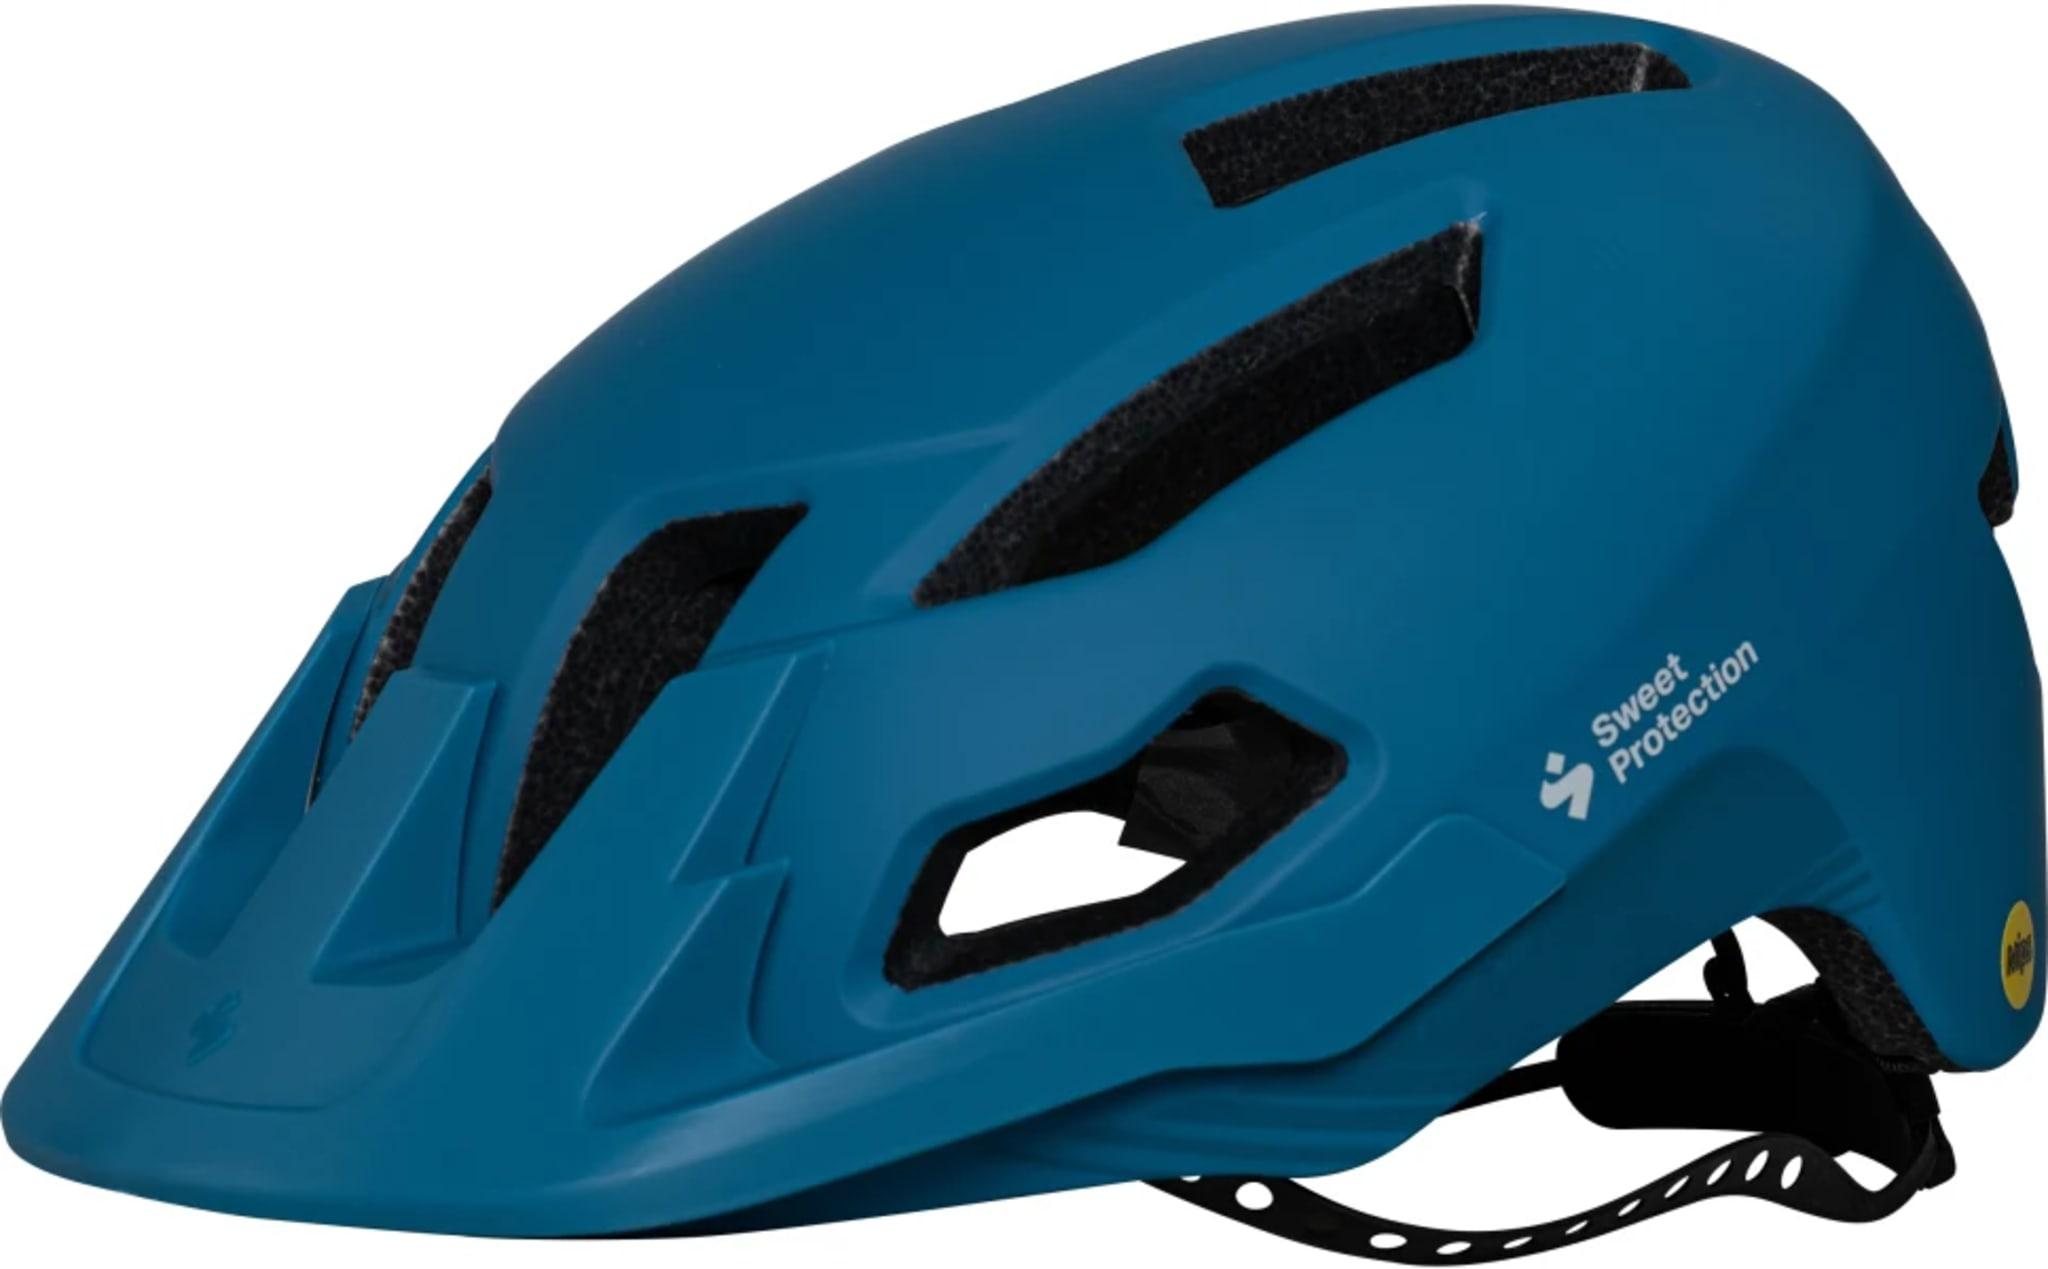 Dissenter MIPS-hjelmen er en allsidig sykkelhjelm som drar nytte av Sweet Protections forskning og utvikling på prestasjonshjelmene